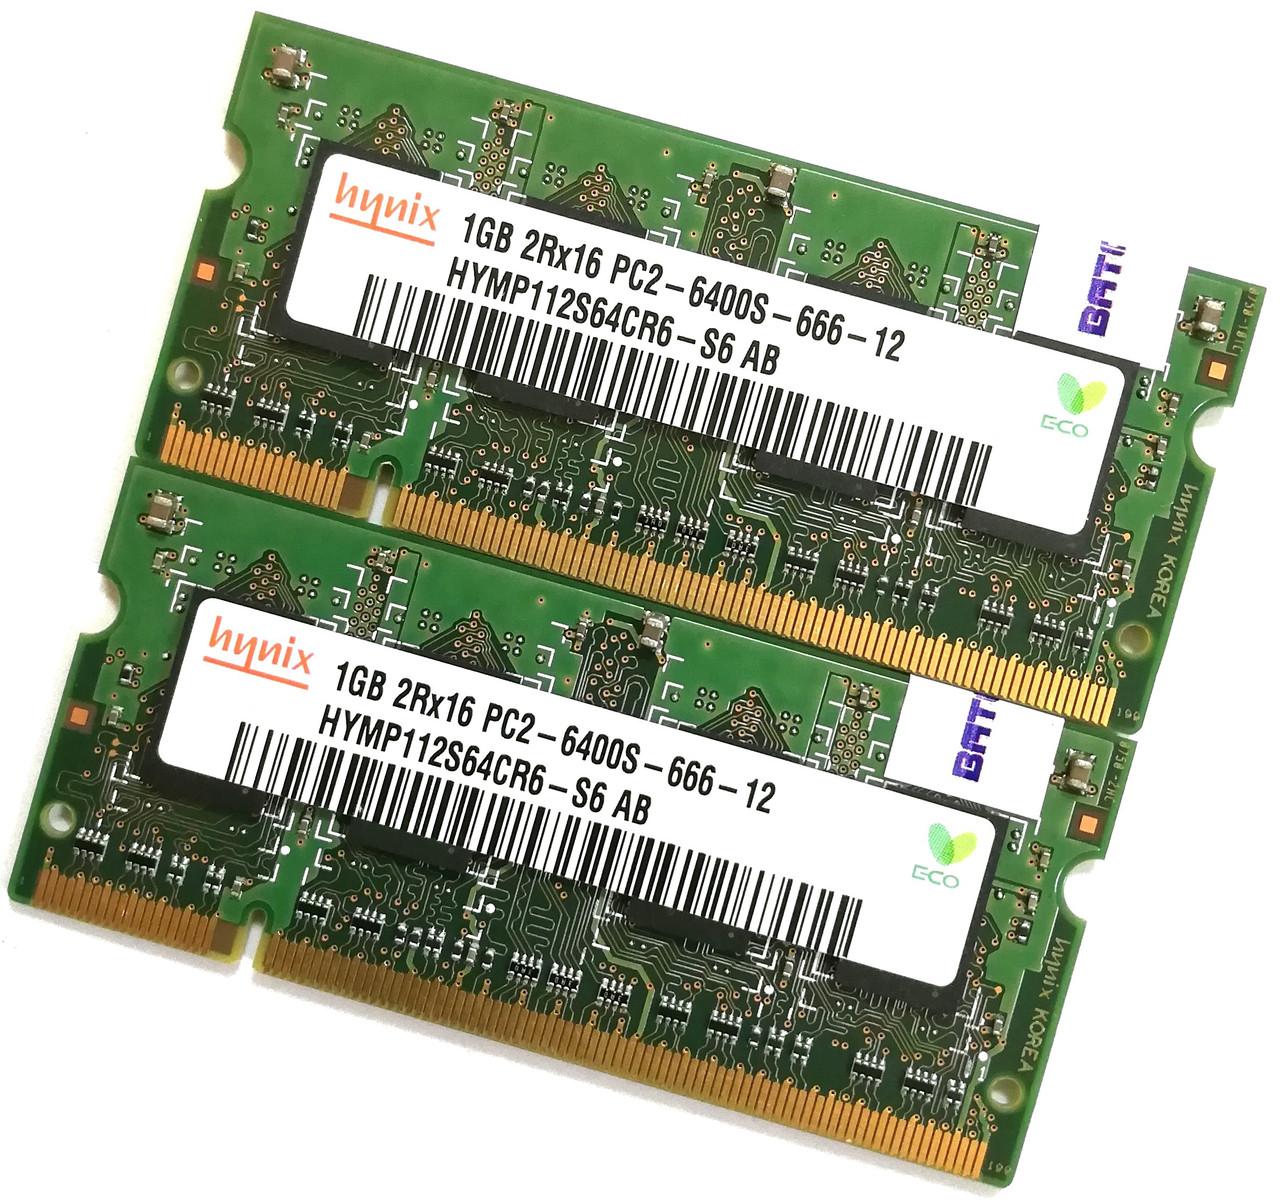 Пара оперативной памяти для ноутбука Hynix SODIMM DDR2 2Gb (2*1Gb) 800MHz 6400s CL6 (HYMP112S64CR6-S6 AB) Б/У